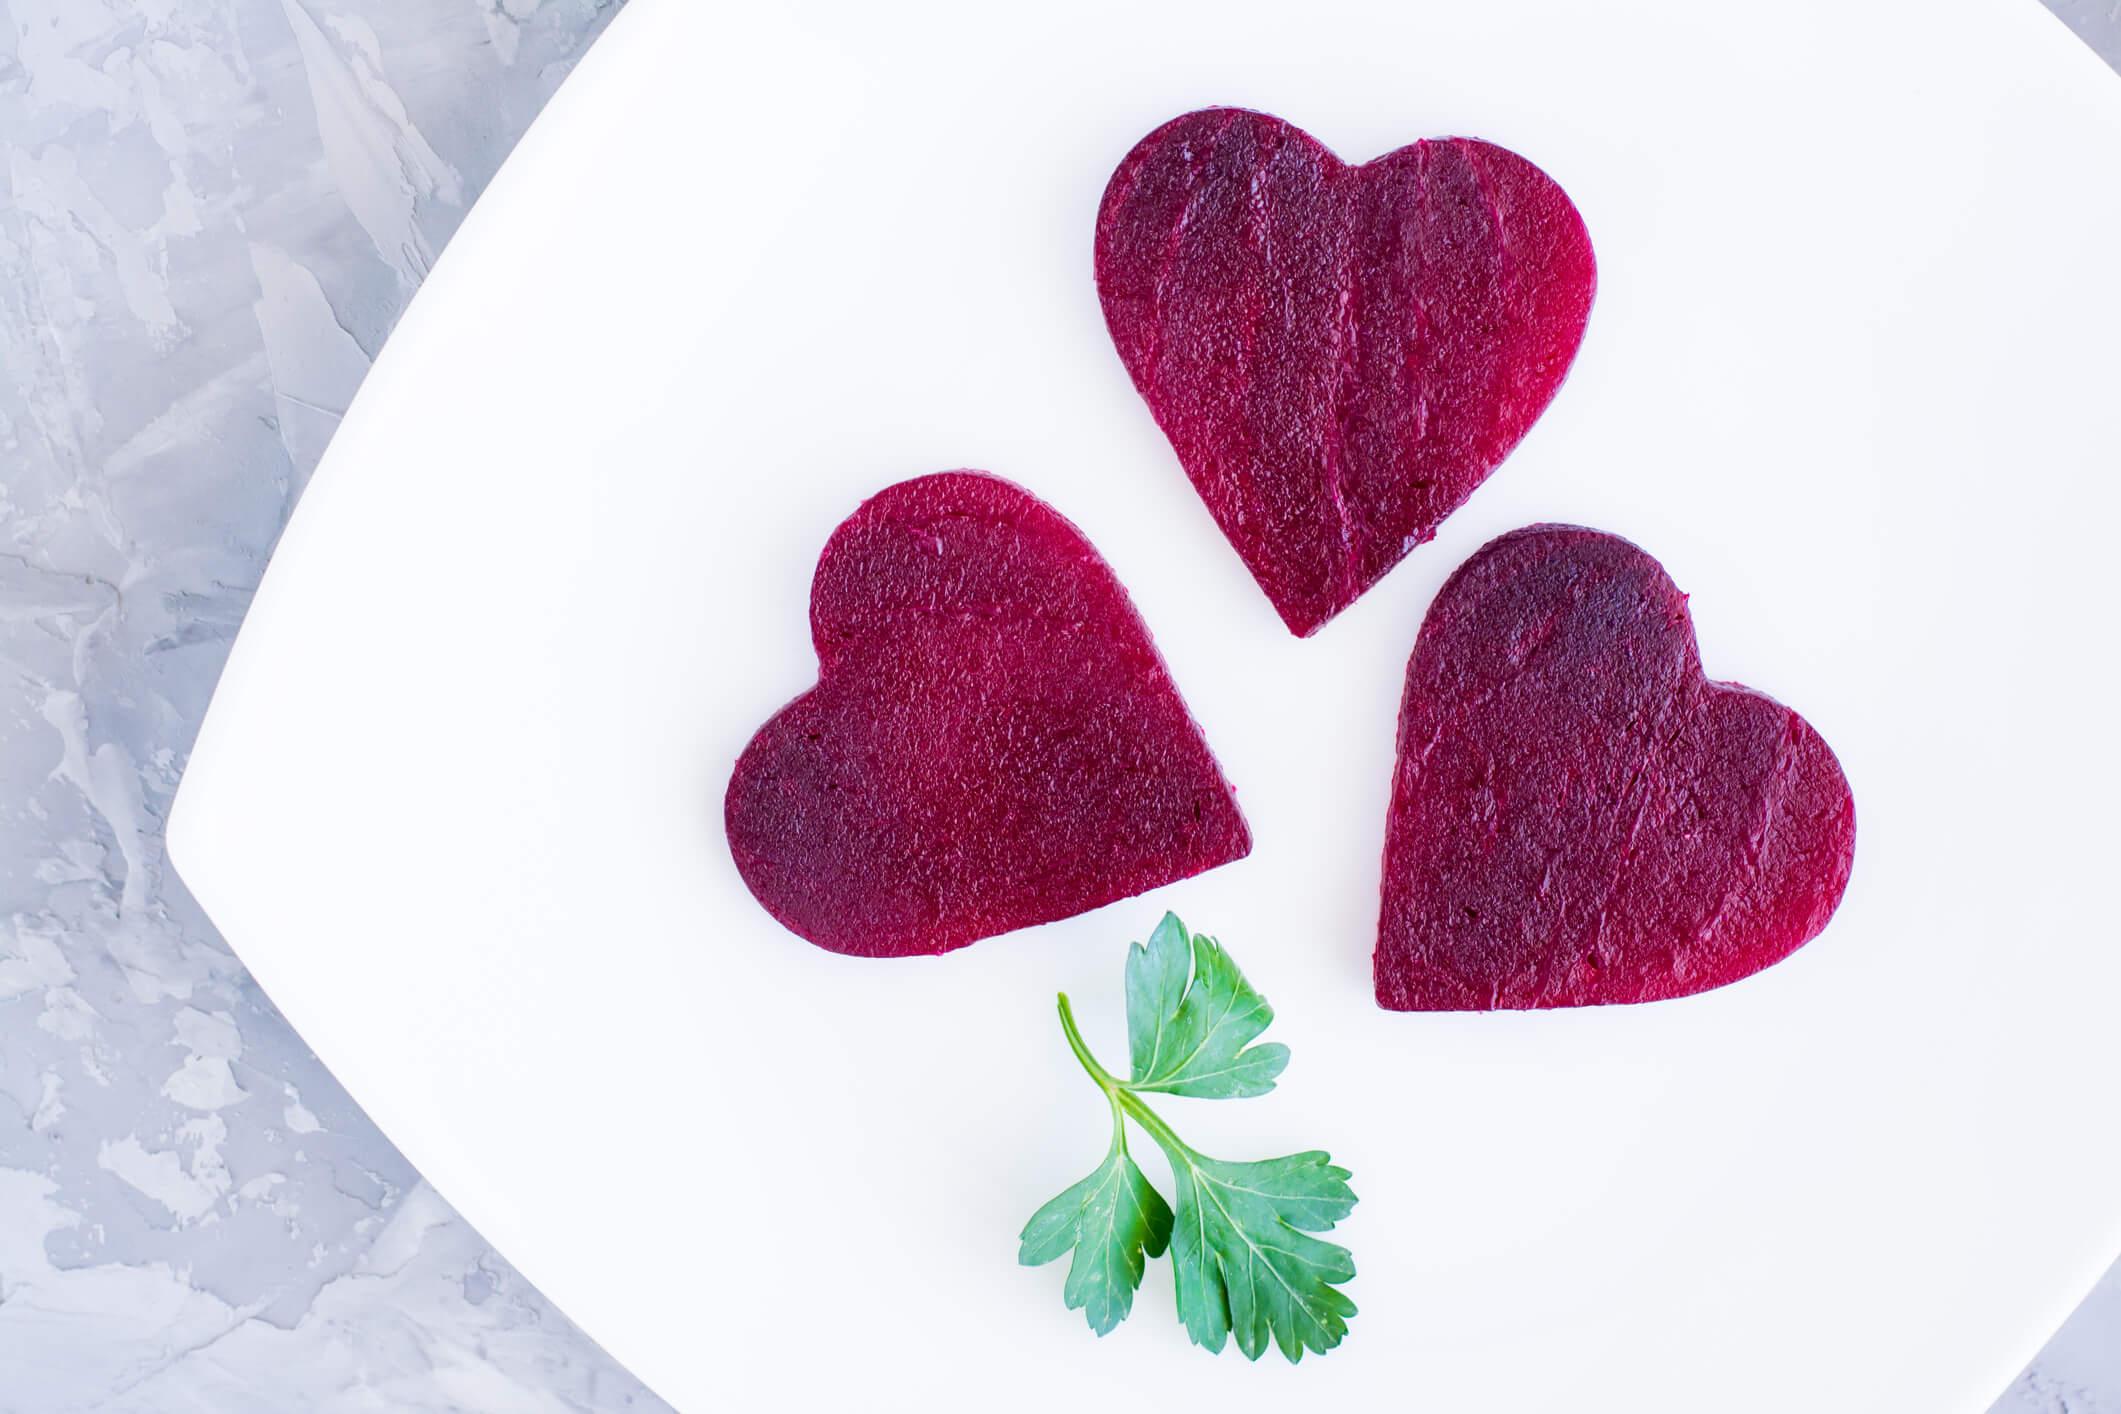 10 health benefits of beets